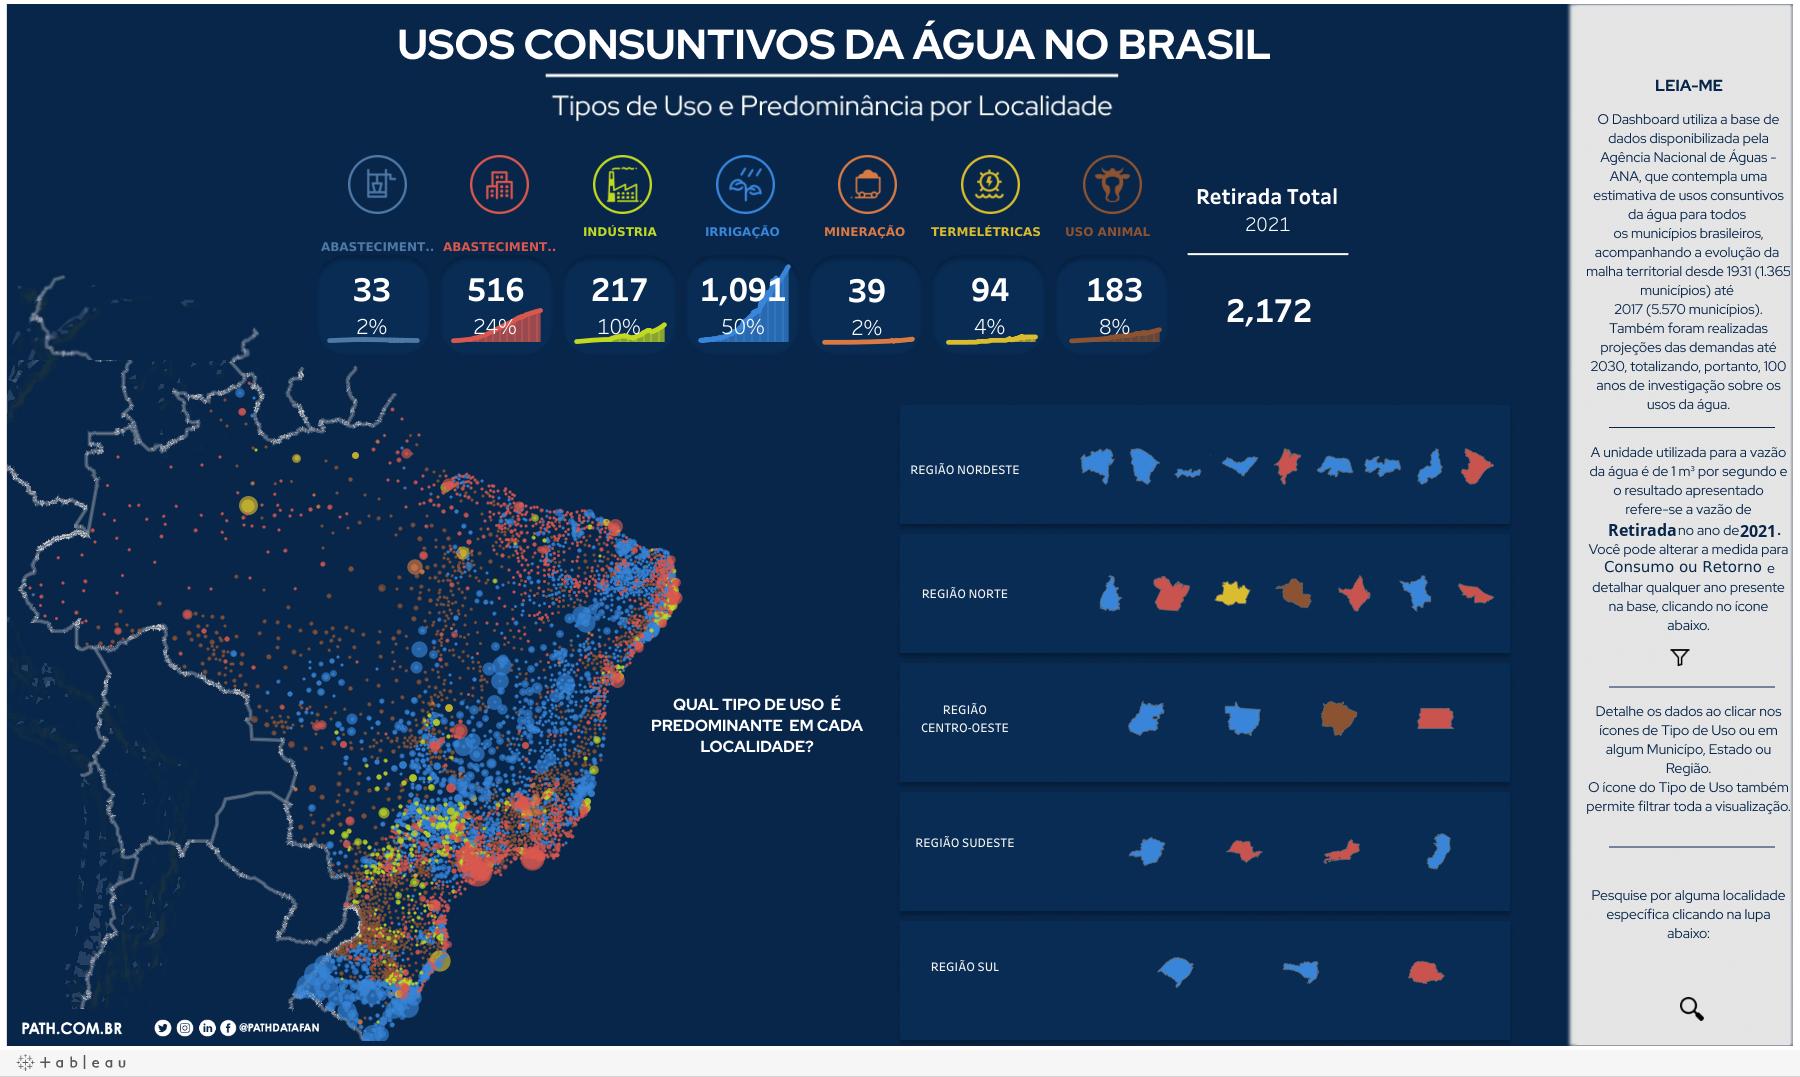 Usos Consuntivos da Água no Brasil